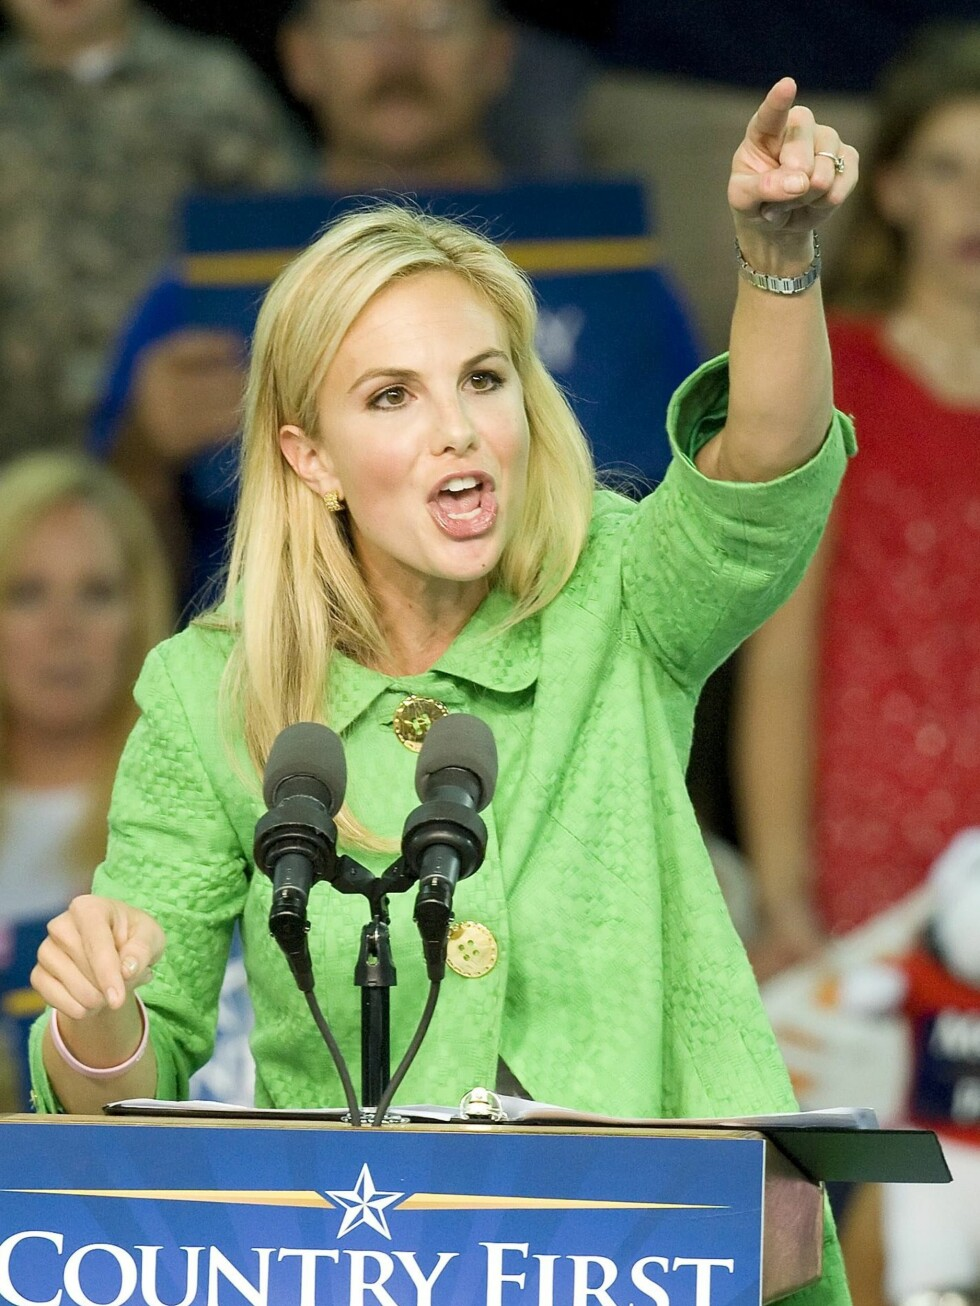 Den republikanske tv-vertinnen Elisabeth Hasselbeck holder seg langt unna hvete. Det skyldes ikke bare at hun har problemer med å fordøye gluten, i boka The G-Free Diet ivrer hun også for at et hvetefritt kosthold kan få deg ned i vekt.  Foto: All Over Press